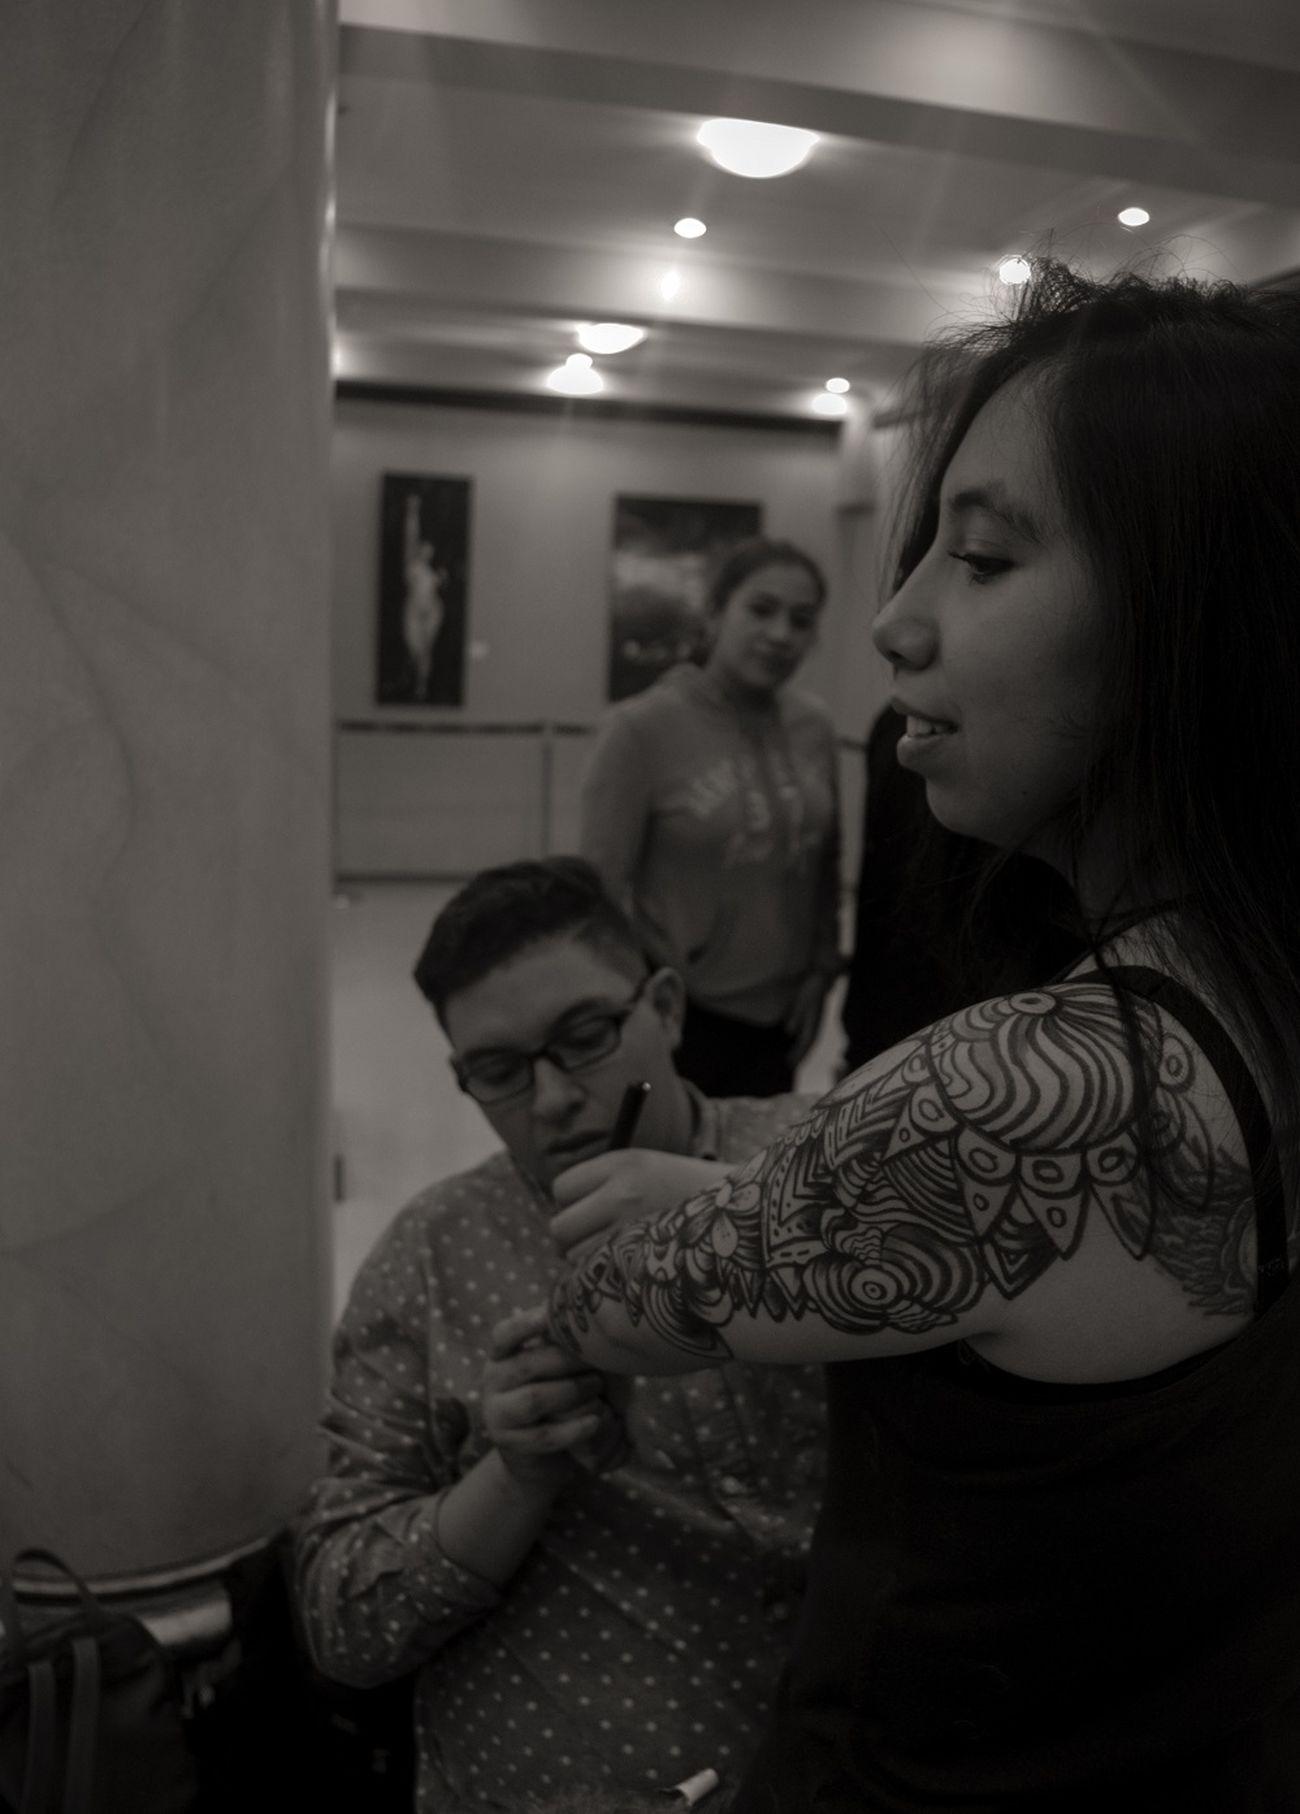 Two People Young Women Beautiful Woman Night People Zentangleart Bw_society BW_photography Illuminated EnVivo Bodyart Tattooartist  Tattoo Design